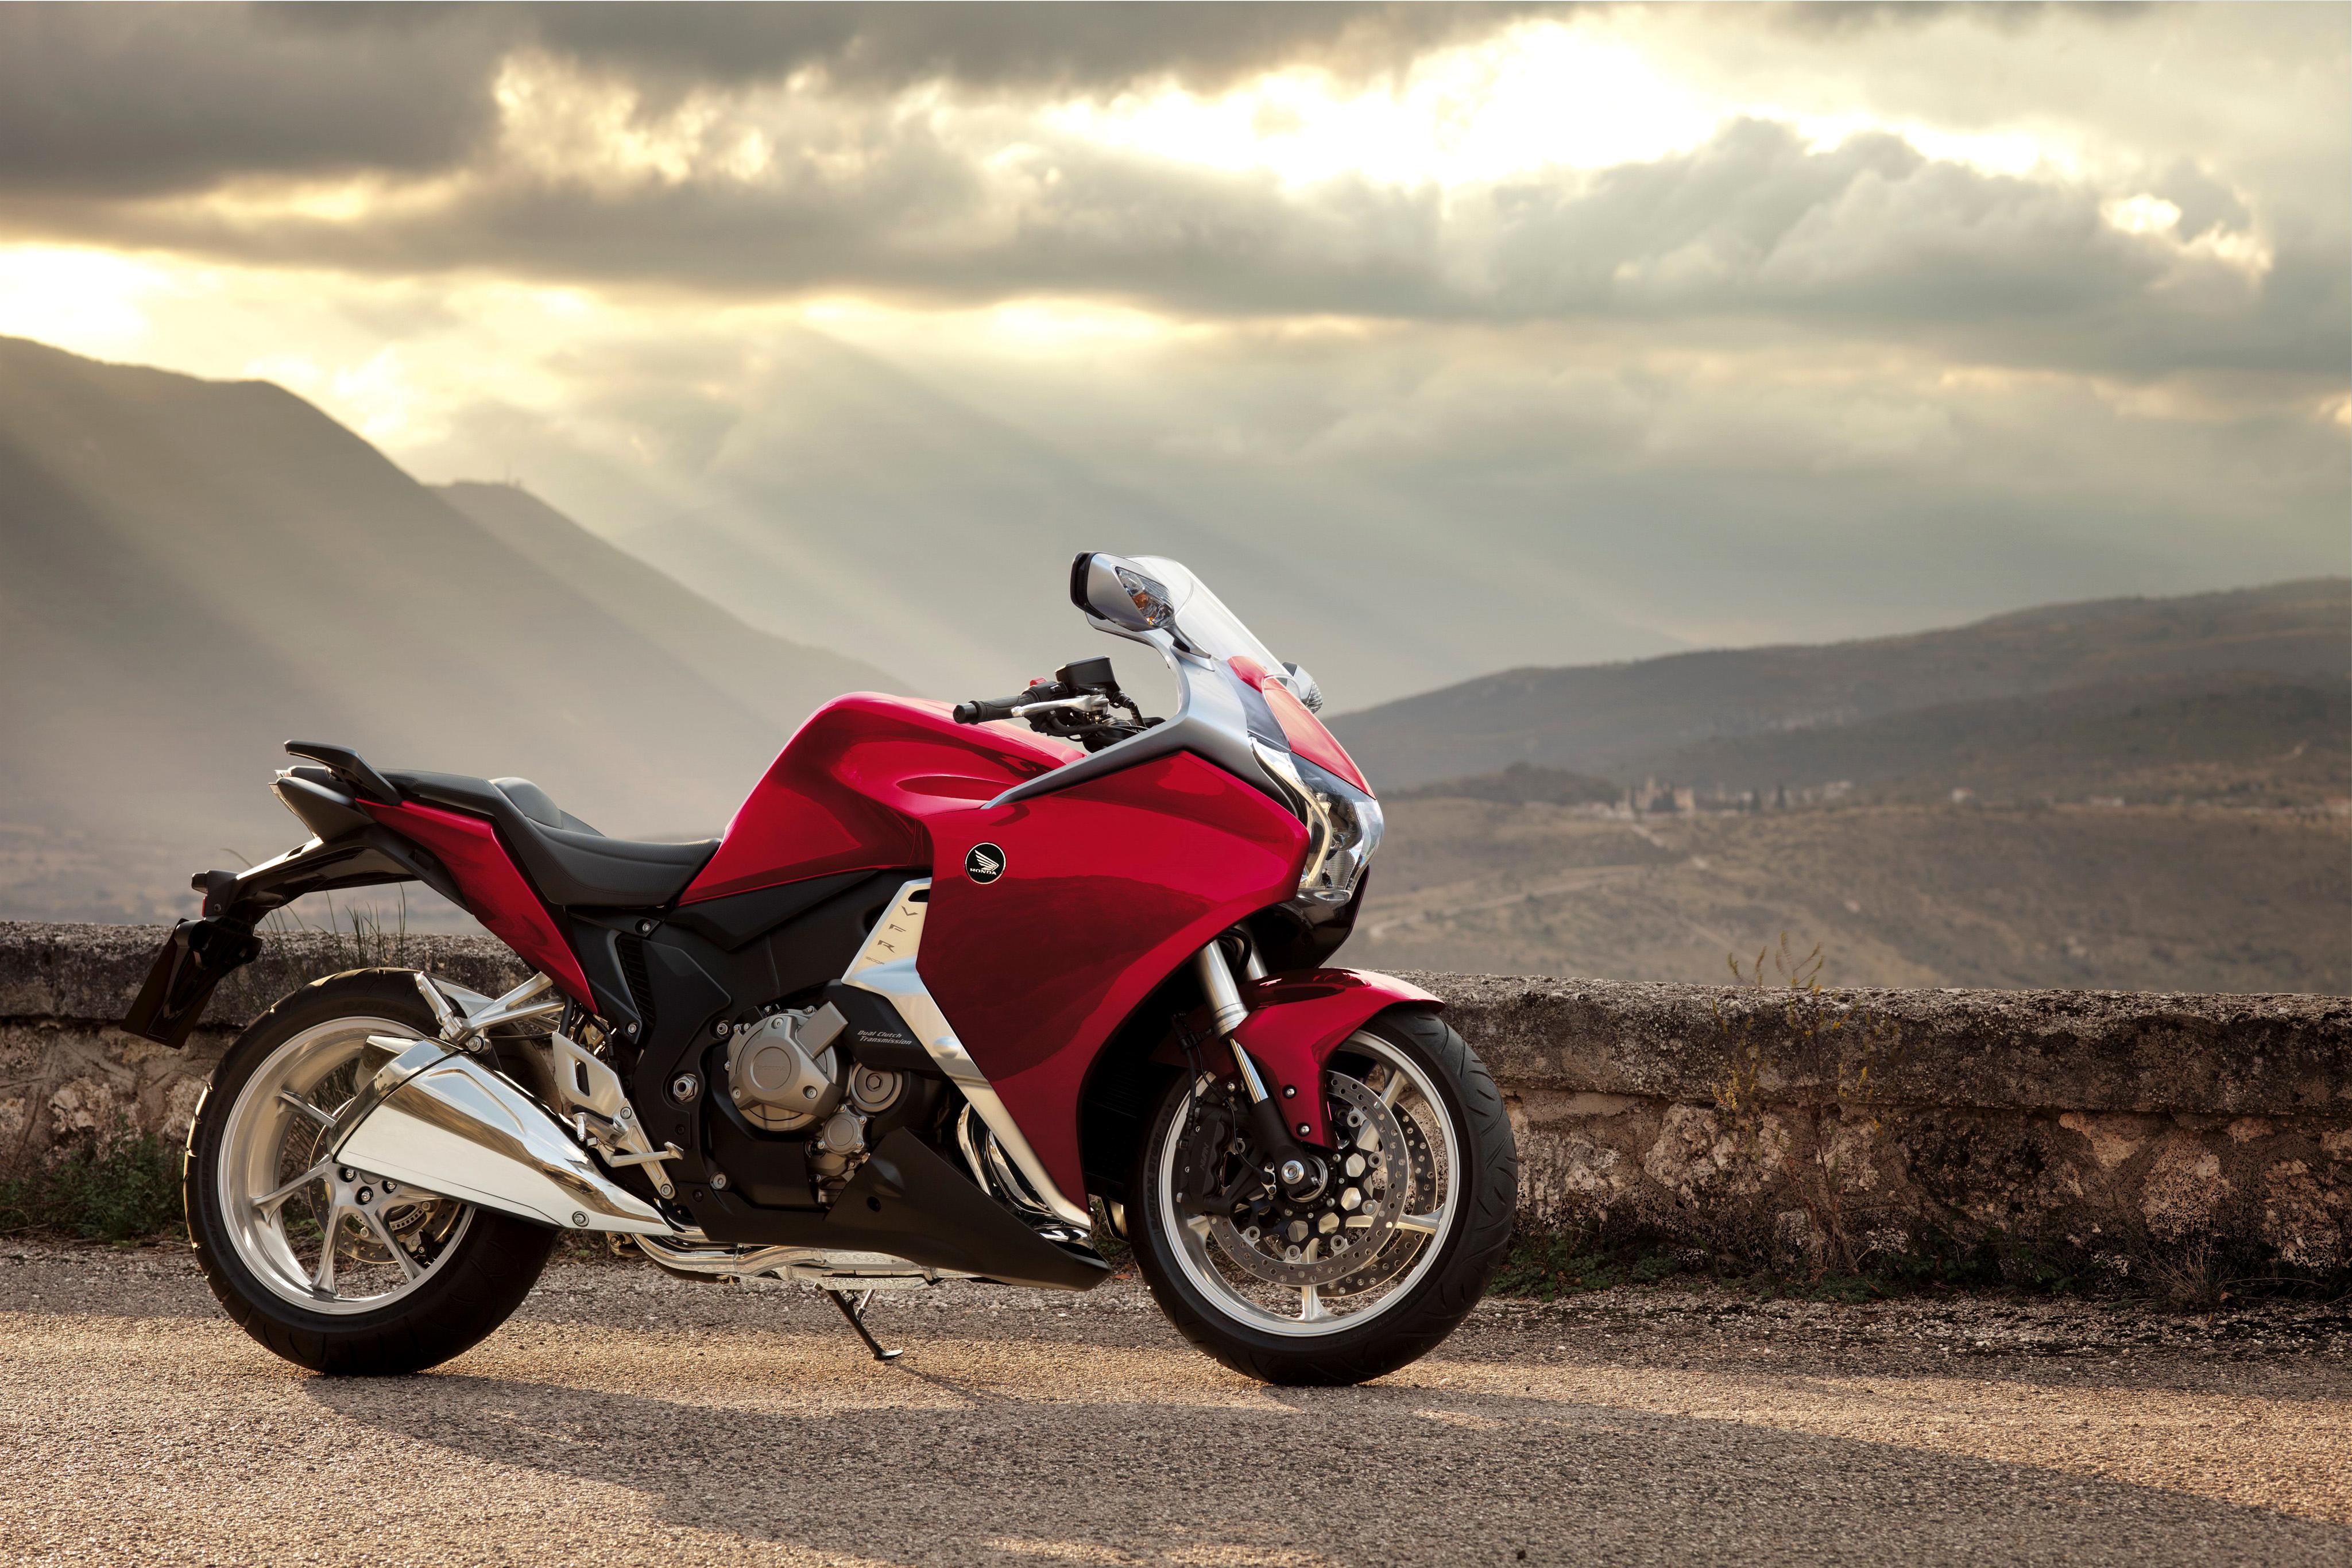 Honda VFR 1200 fd отзывы #8